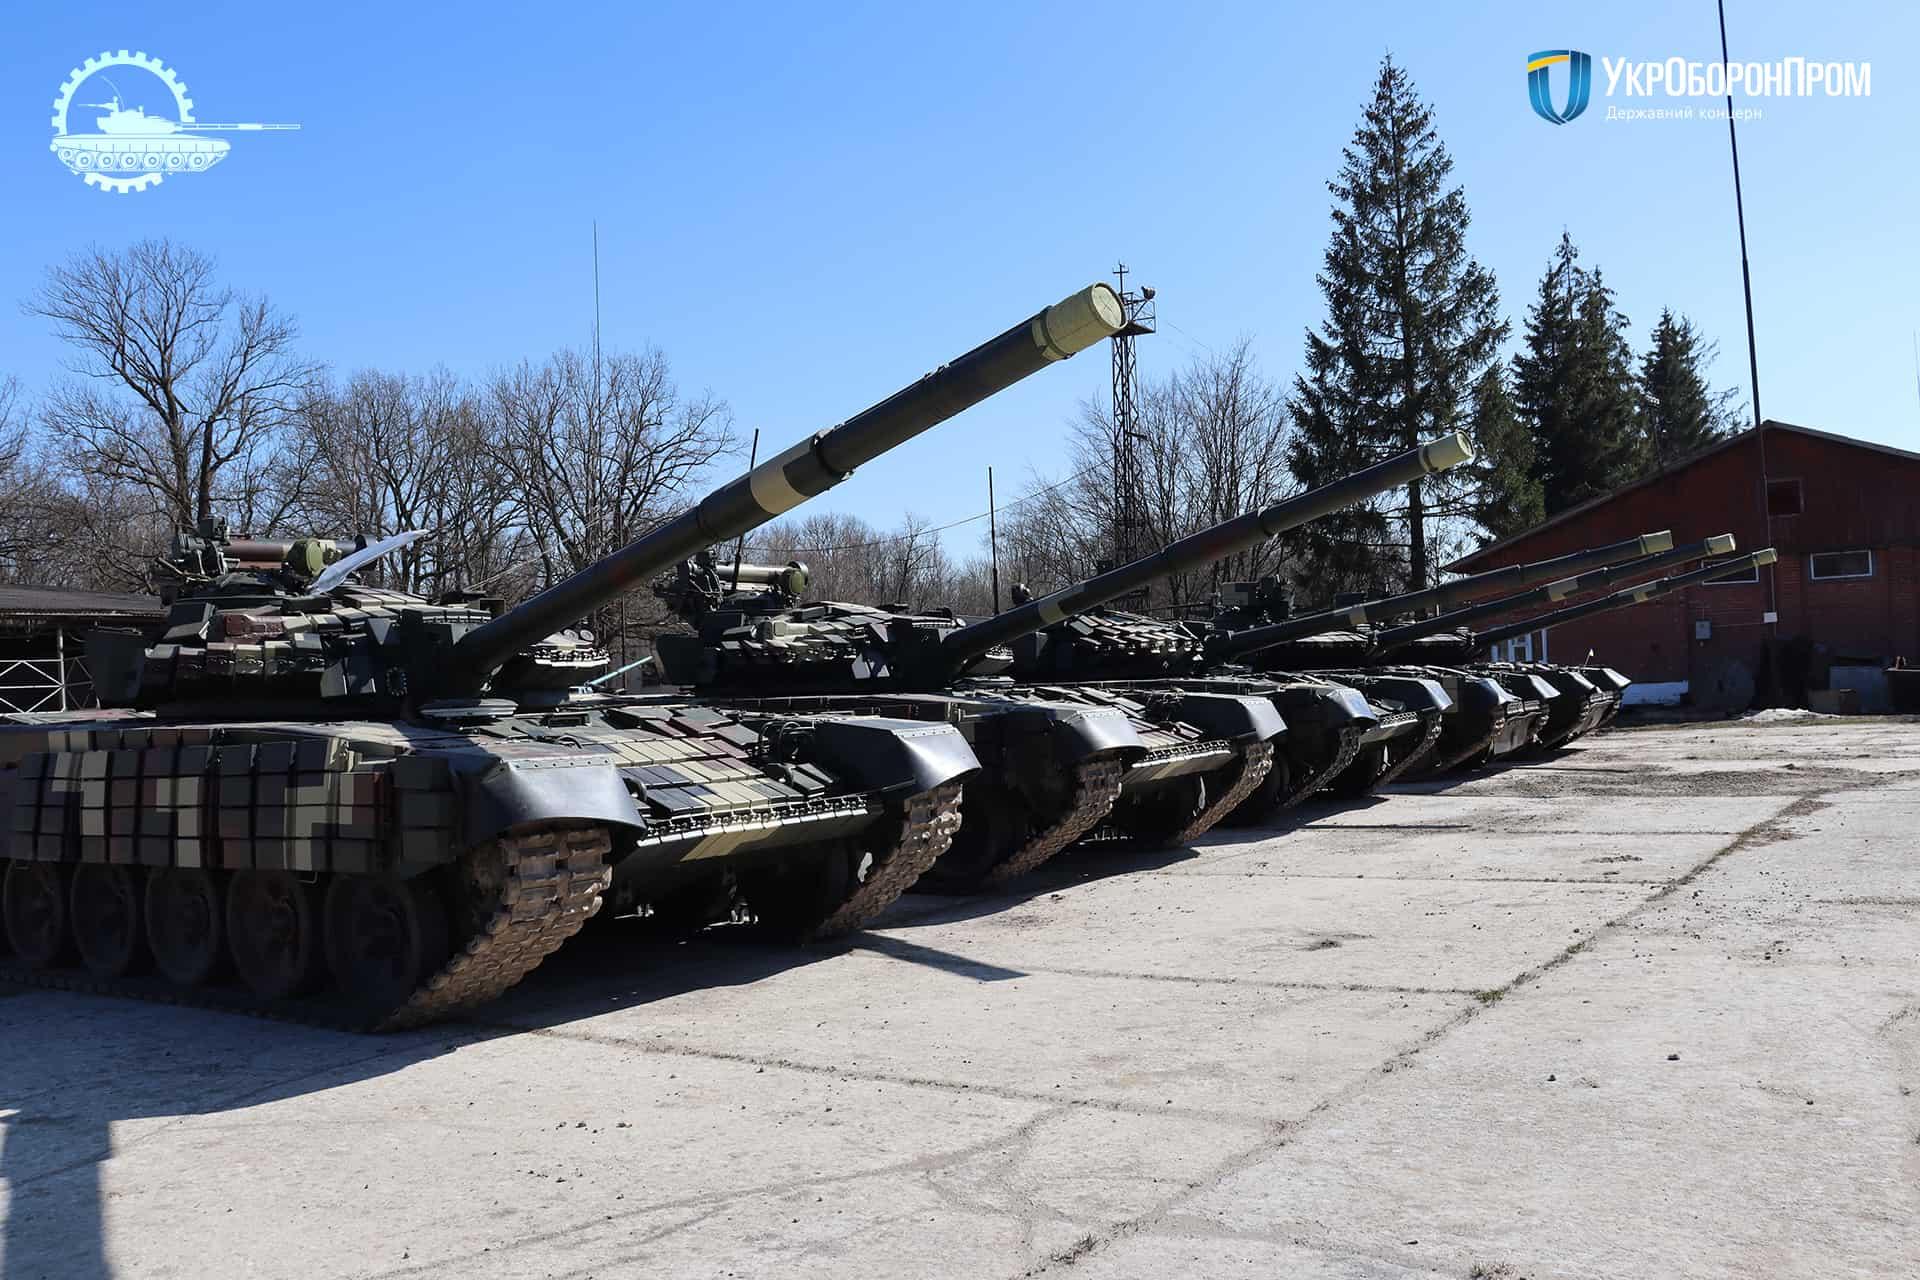 Відремонтовані та модернізовані на ДП «Львівський бронетанковий завод» танки Т-64 та Т-72